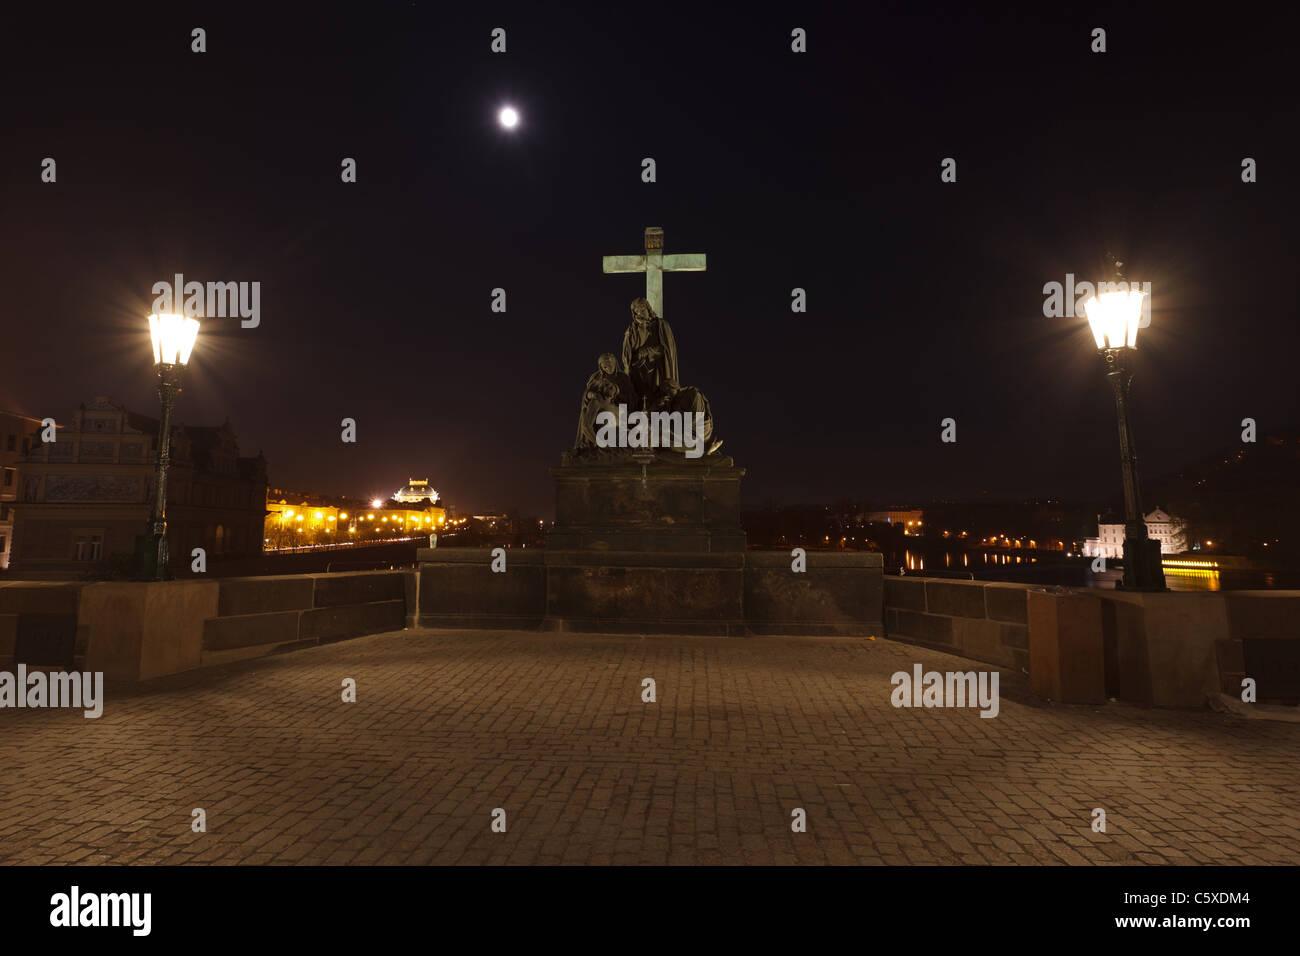 Praga de noche, el Monumento a Charles Bridge Imagen De Stock